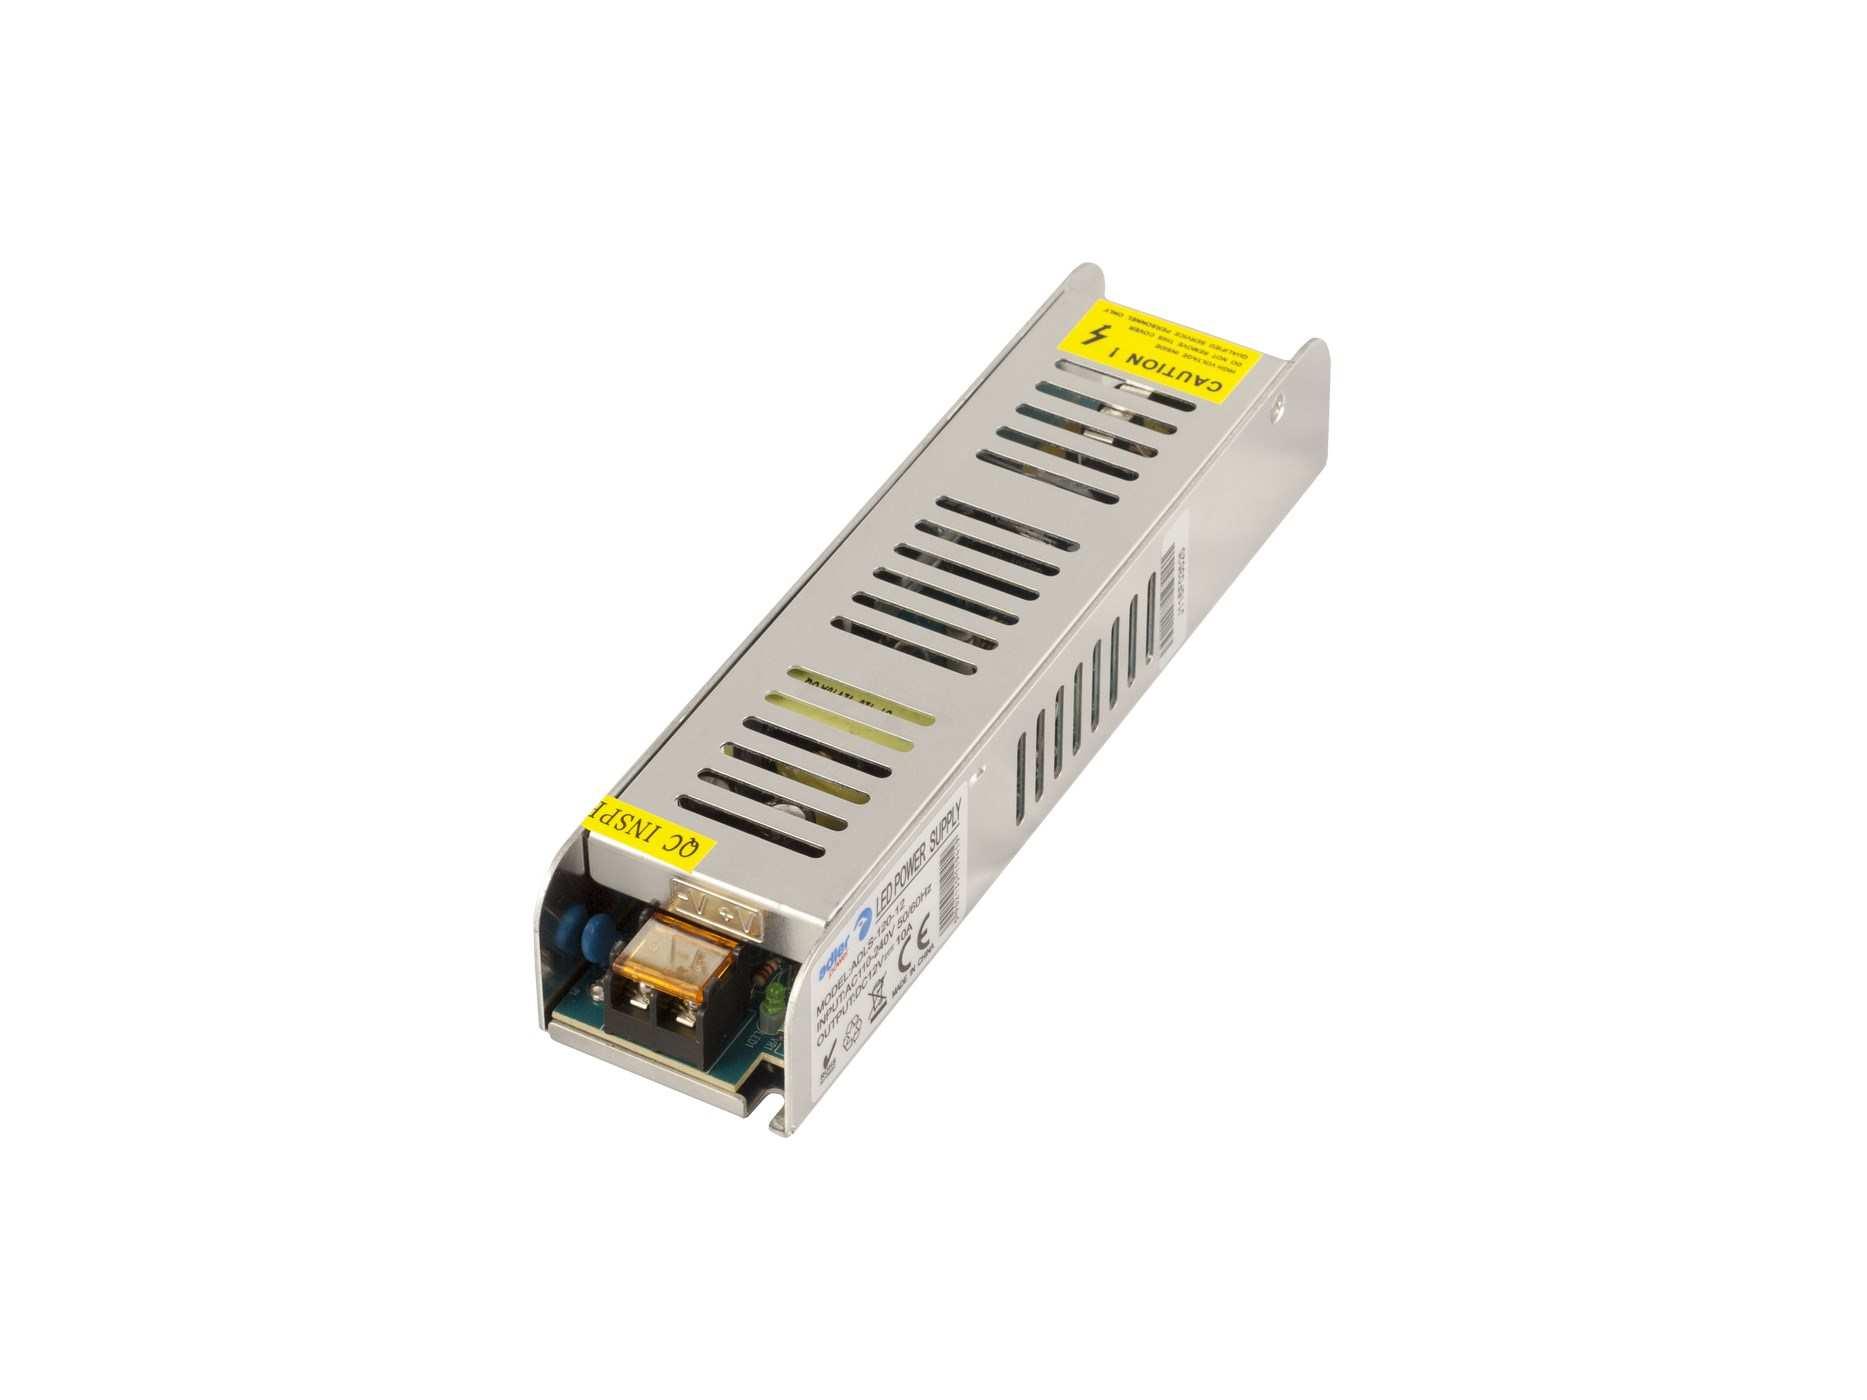 Vnitřní LED zdroj - 120W, 5A, 24V, IP20, SLIM provedení (ADLS-120-24) - Greenlux (GXLD124)